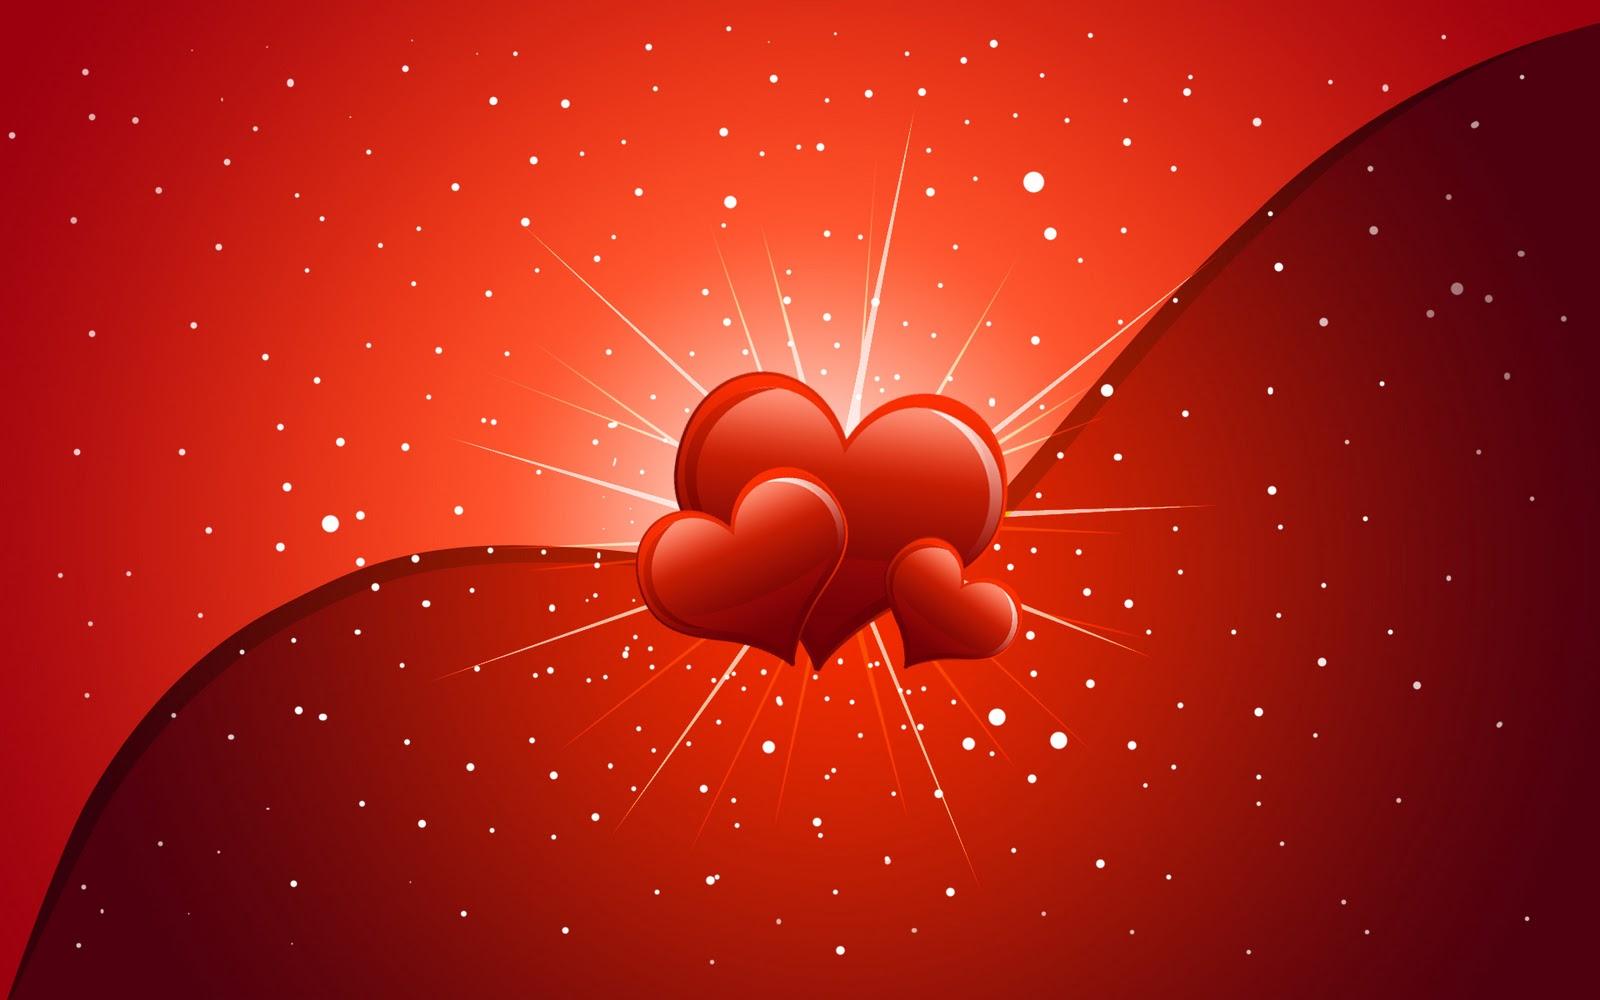 Desktop Wallpapers Backgrounds Valentine 1600x1000